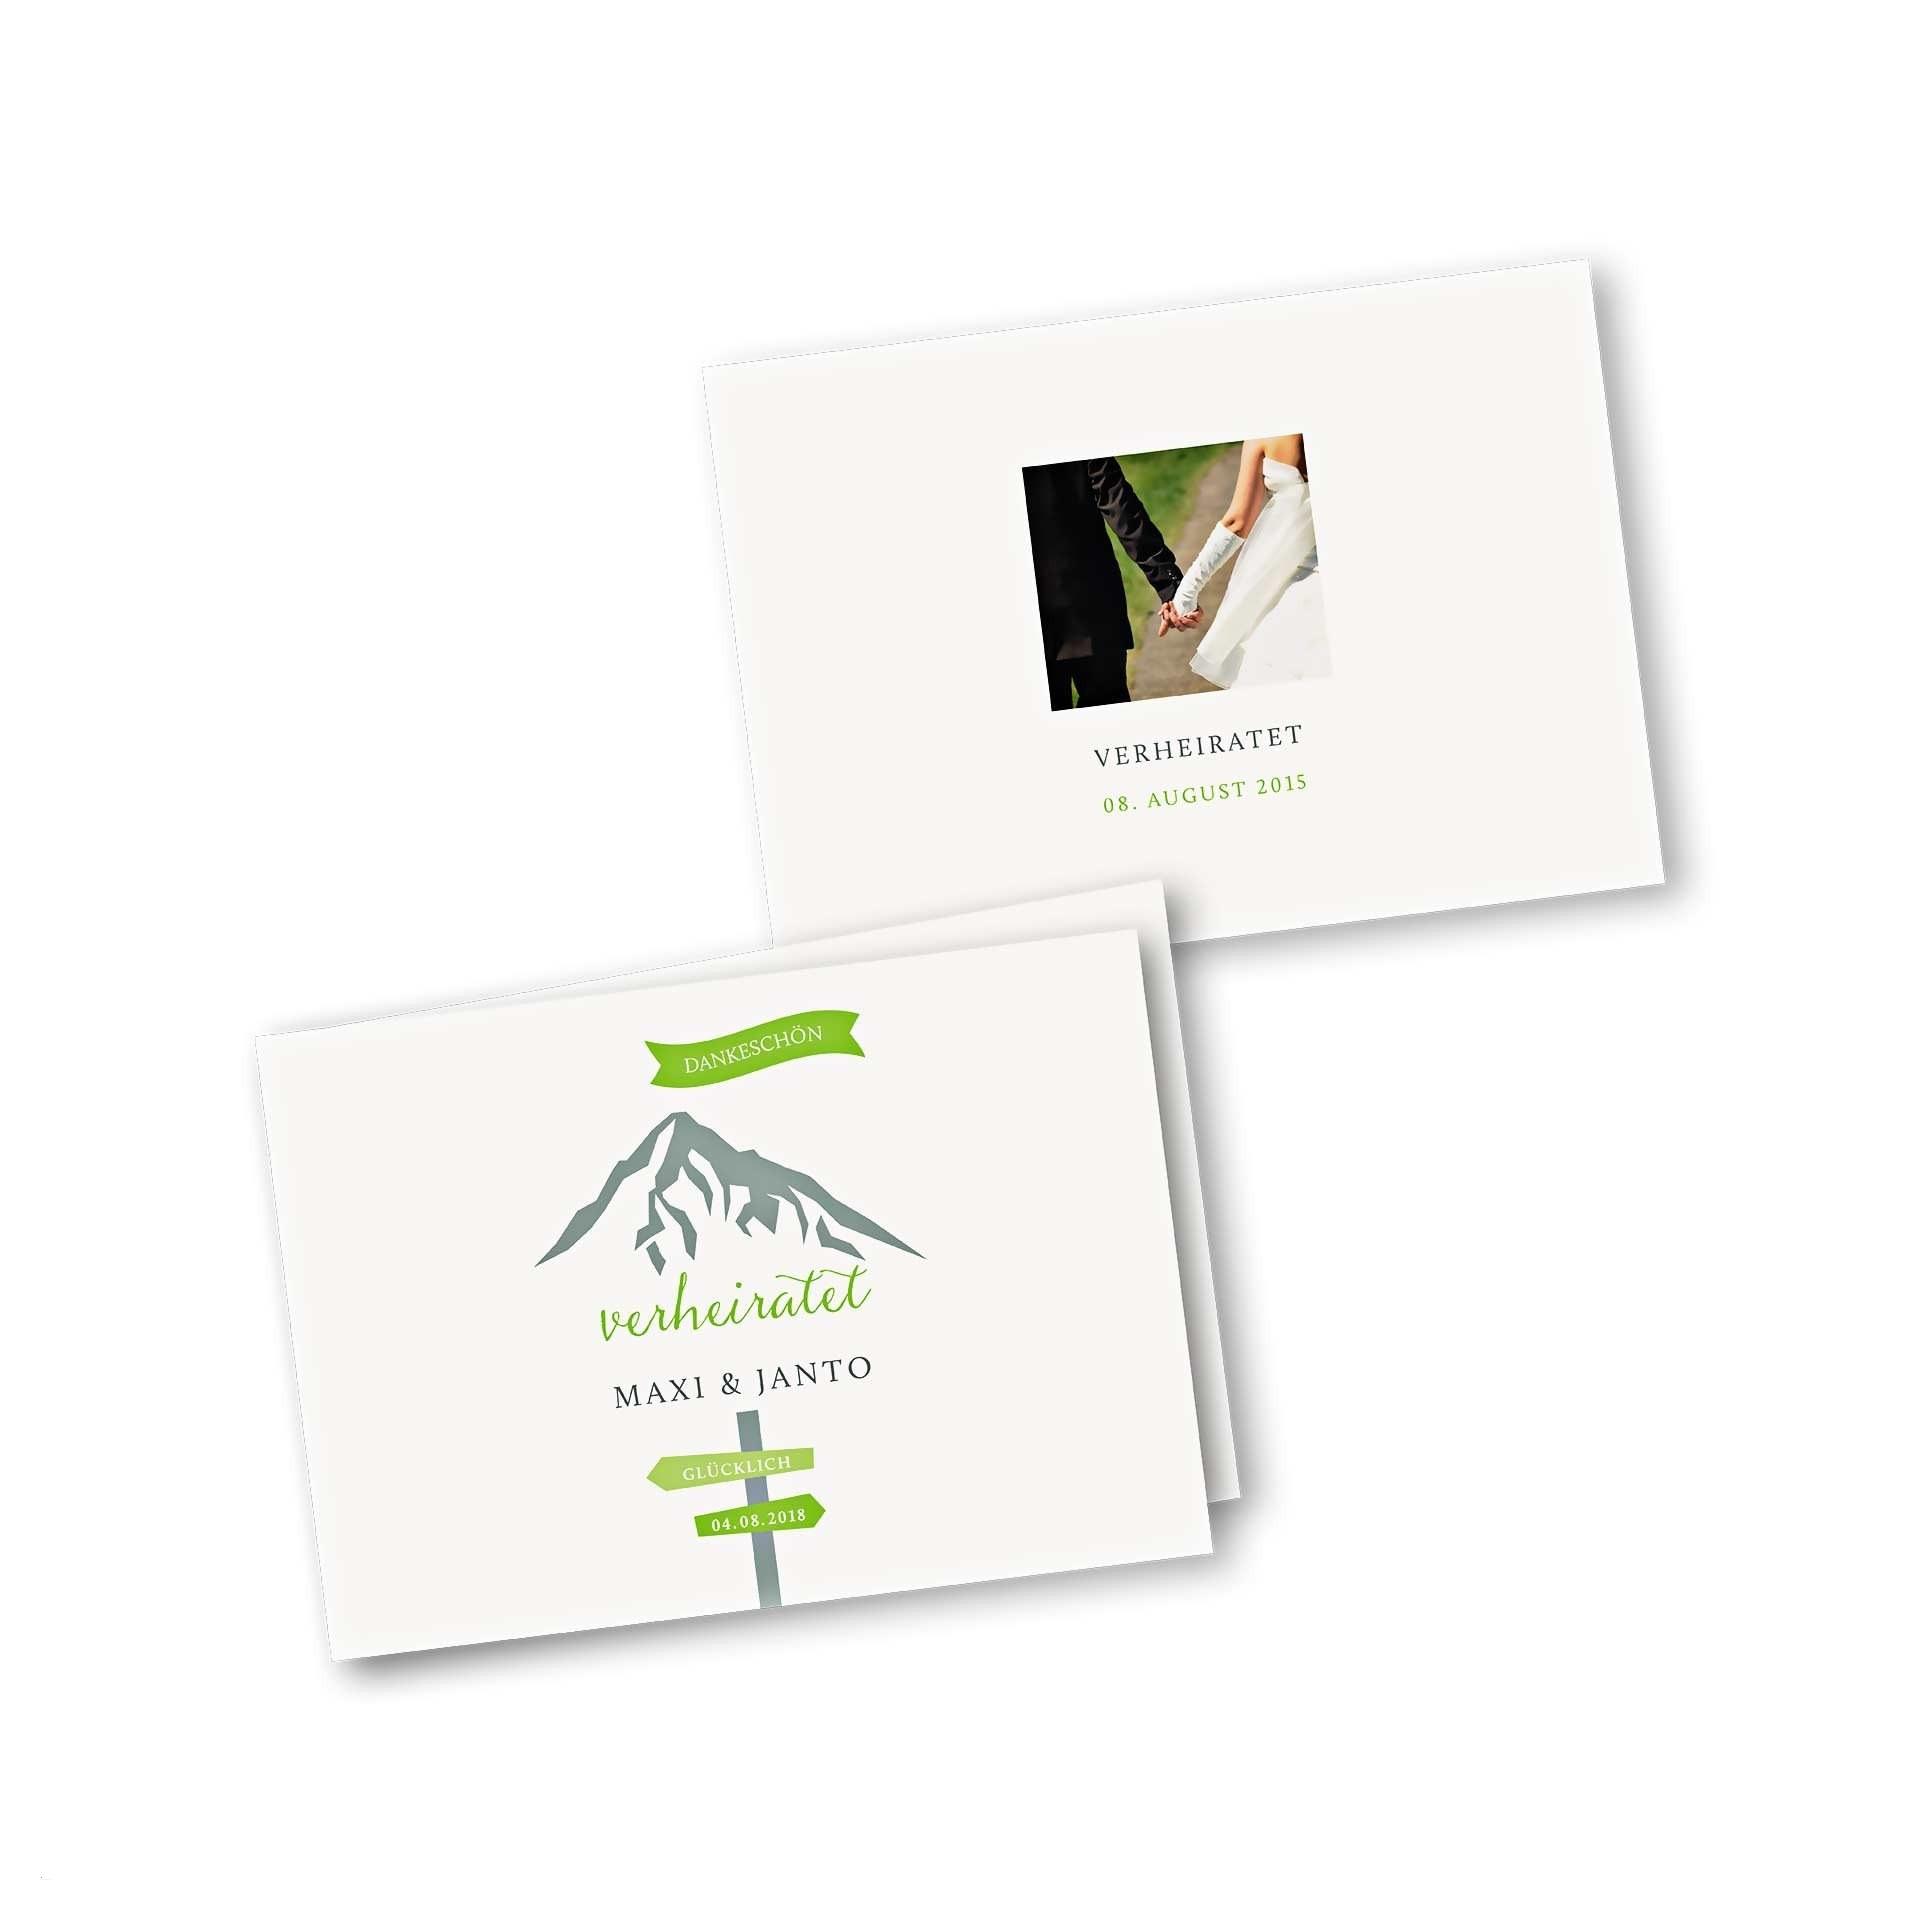 Geburtstagskarte Ausdrucken Kostenlos Neu Unique Alles Guten Zum Geburtstag Fotografieren